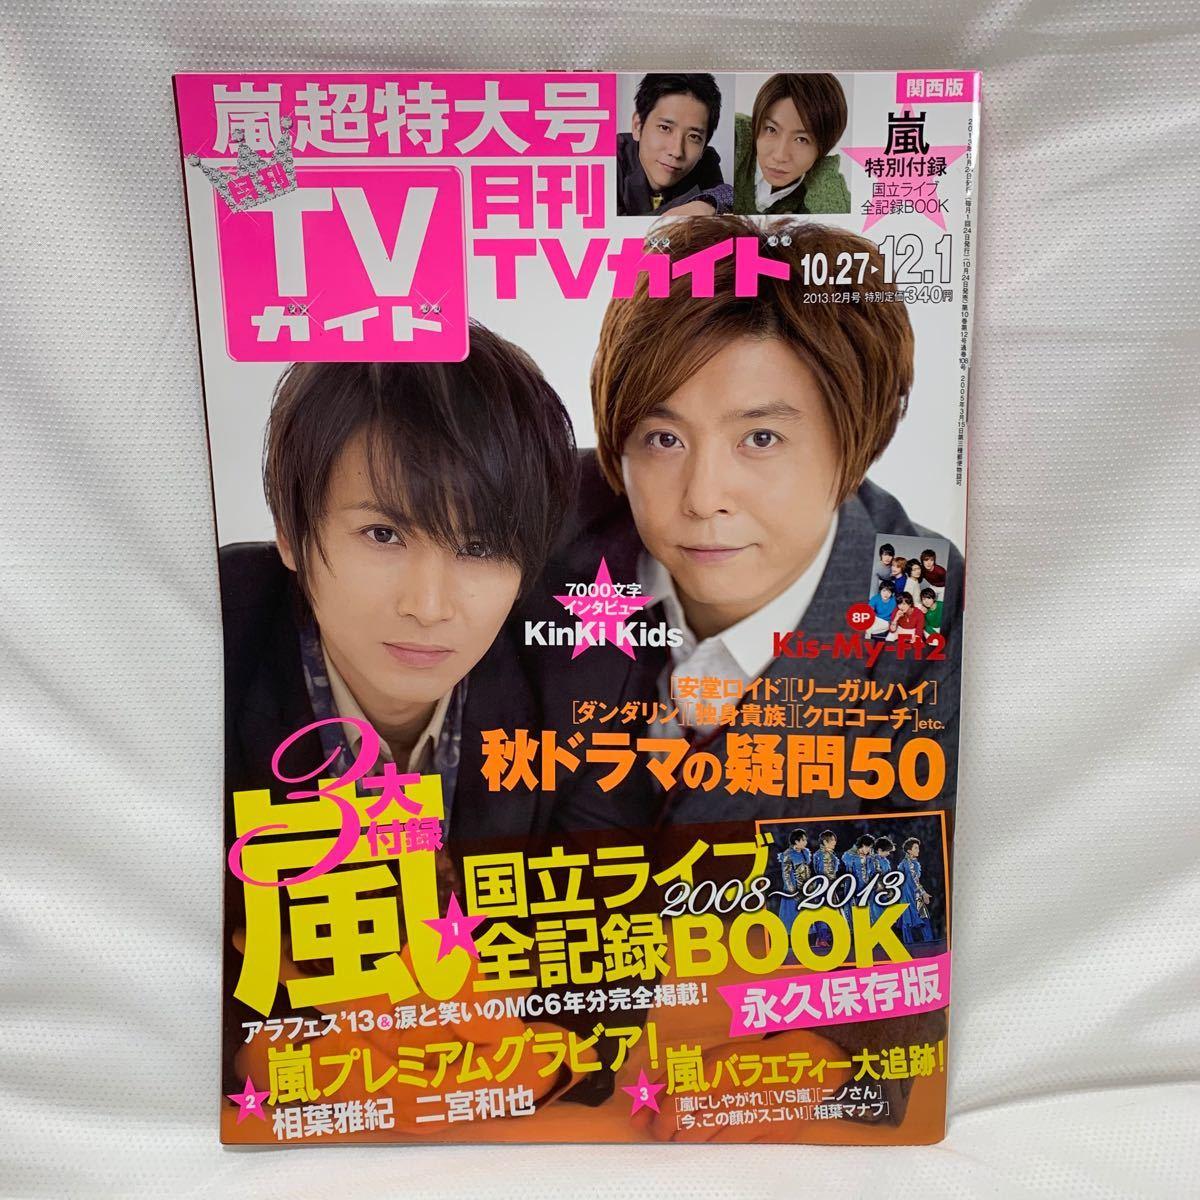 月刊TVガイド関西版 2013.12月号